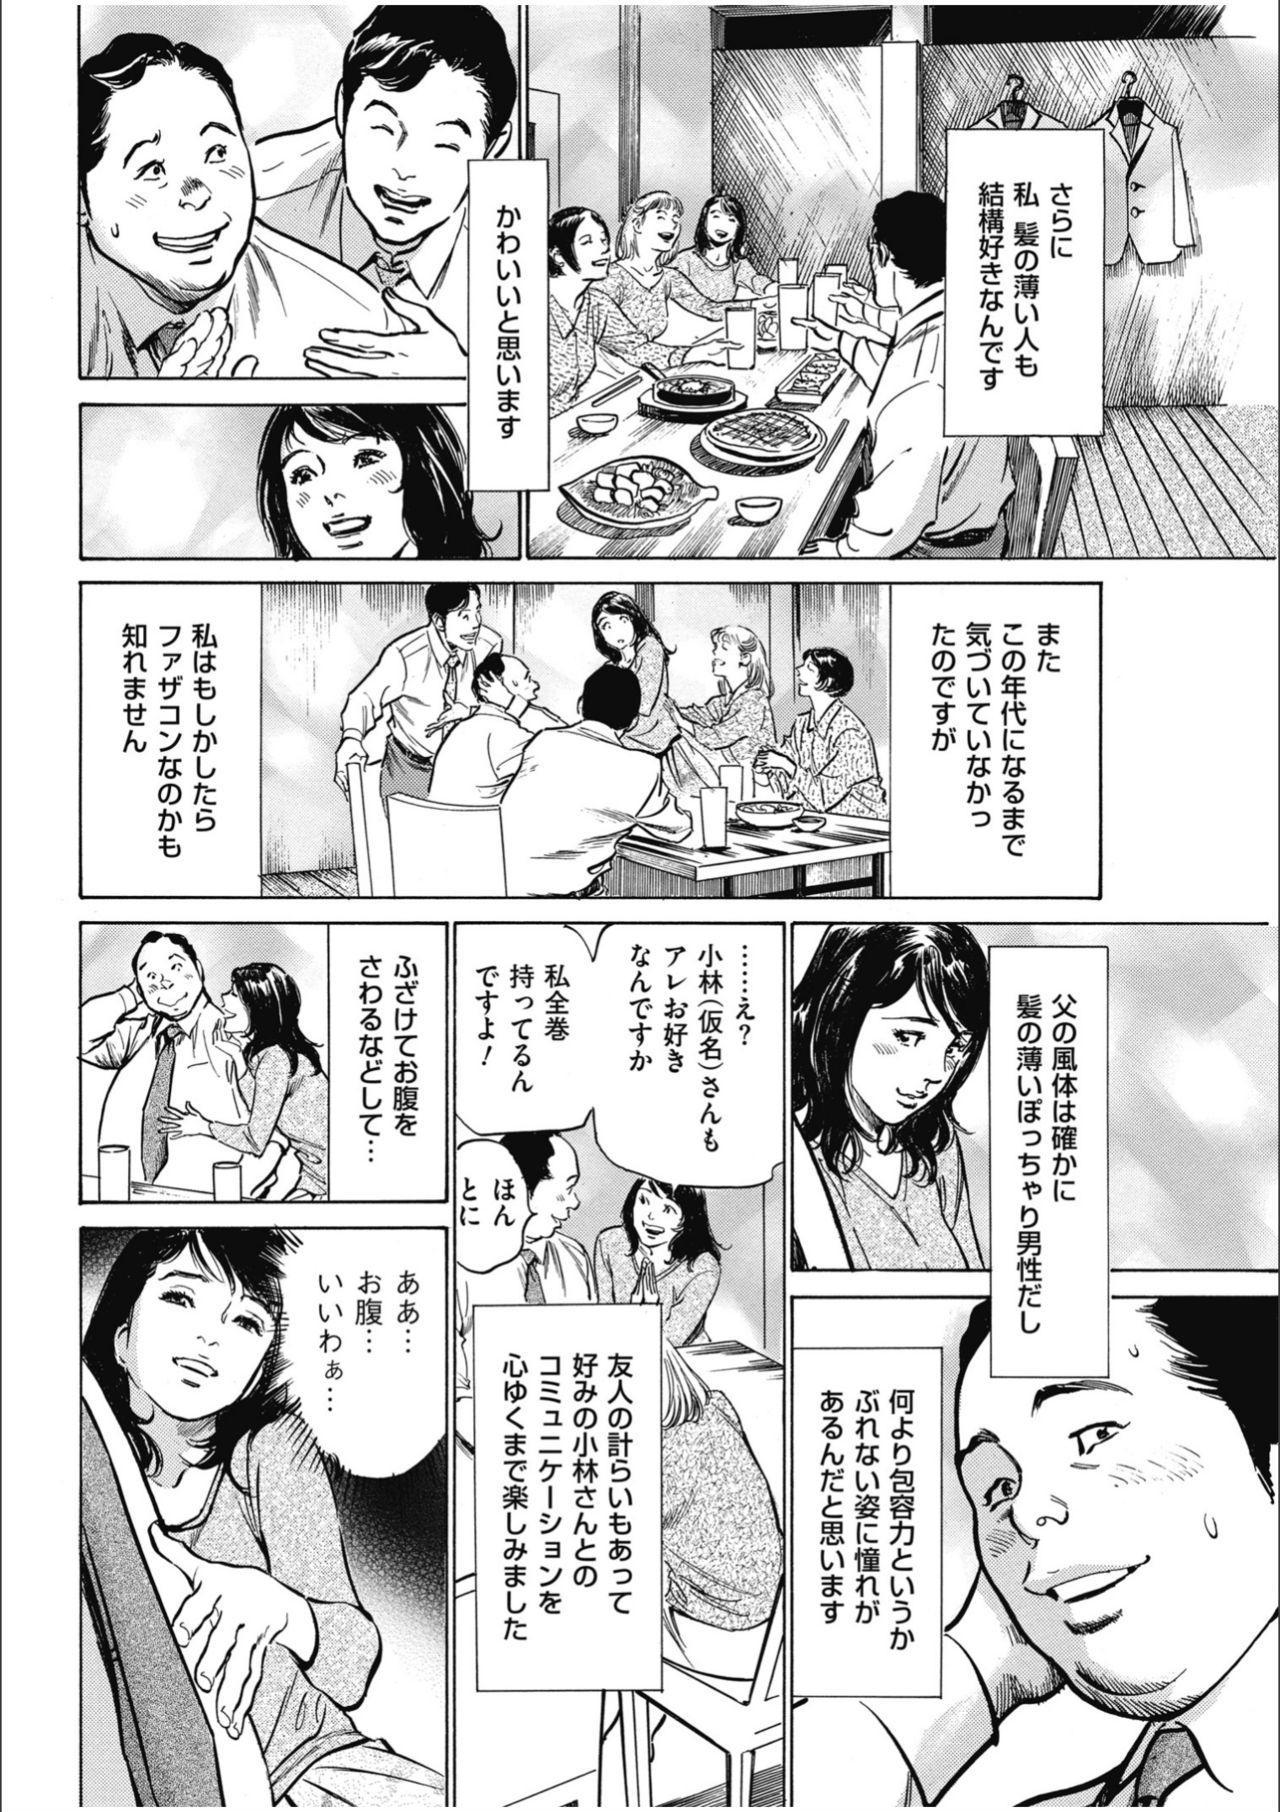 八月薫傑作マジセレ Hな体験教えます 女性投稿12連発 153